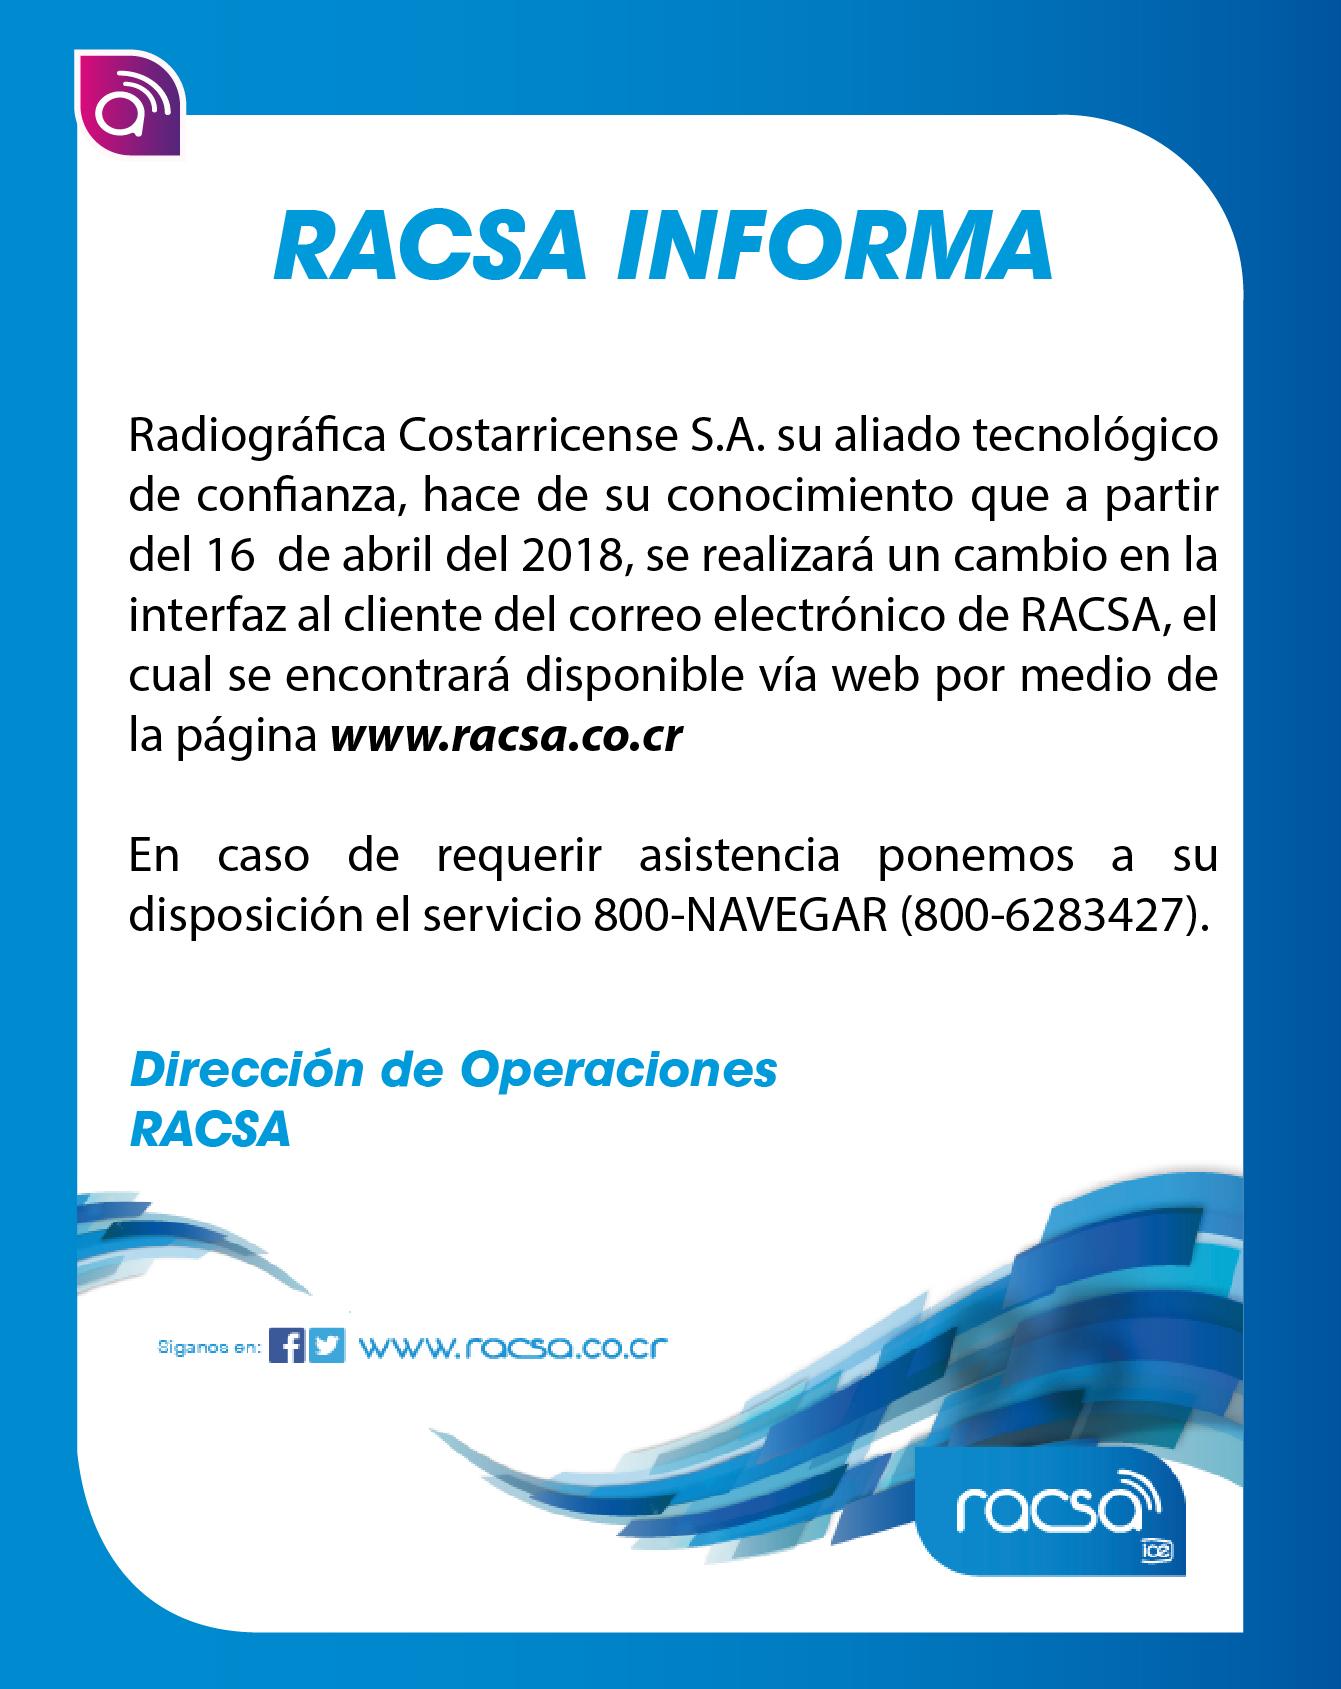 comunicado-plataforma-webmail